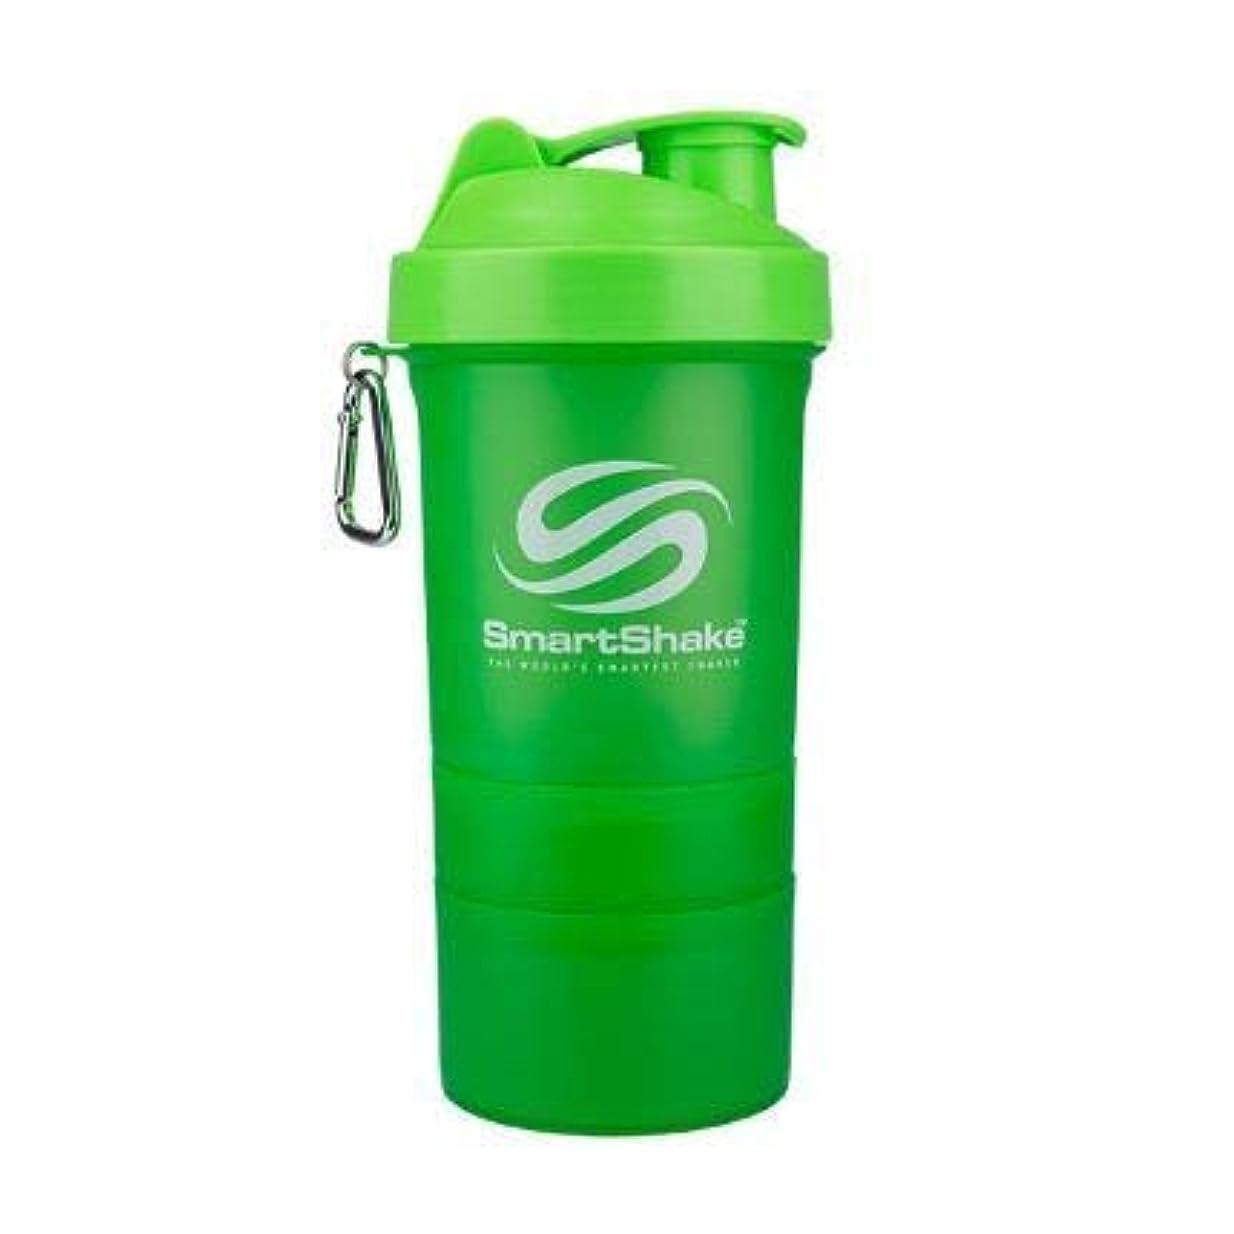 後方にくしゃくしゃ比べるSmartshake英国株式会社Smartshake Smartshakeボトル-ネオングリーン1×600ミリリットル(それ)